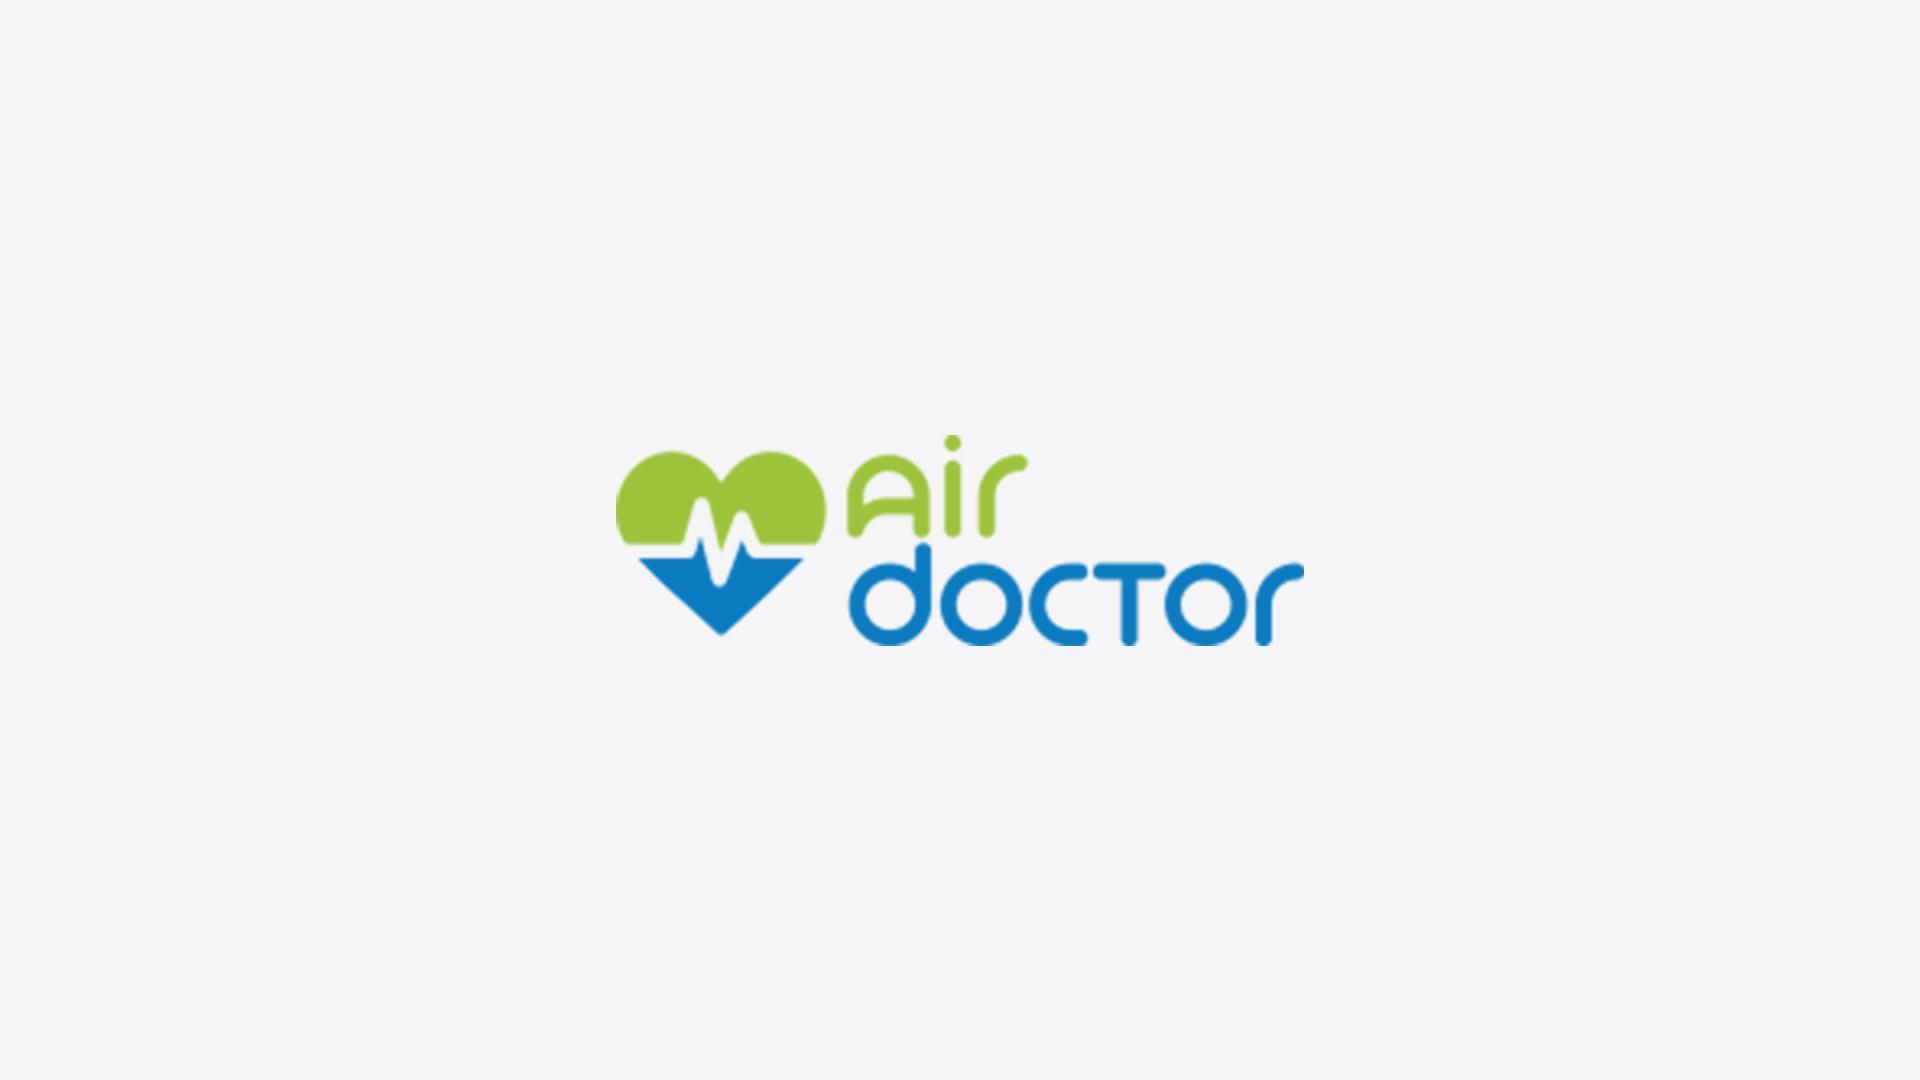 以色列医疗科技初创公司 Air Doctor 获得 A 轮 780 万美元融资